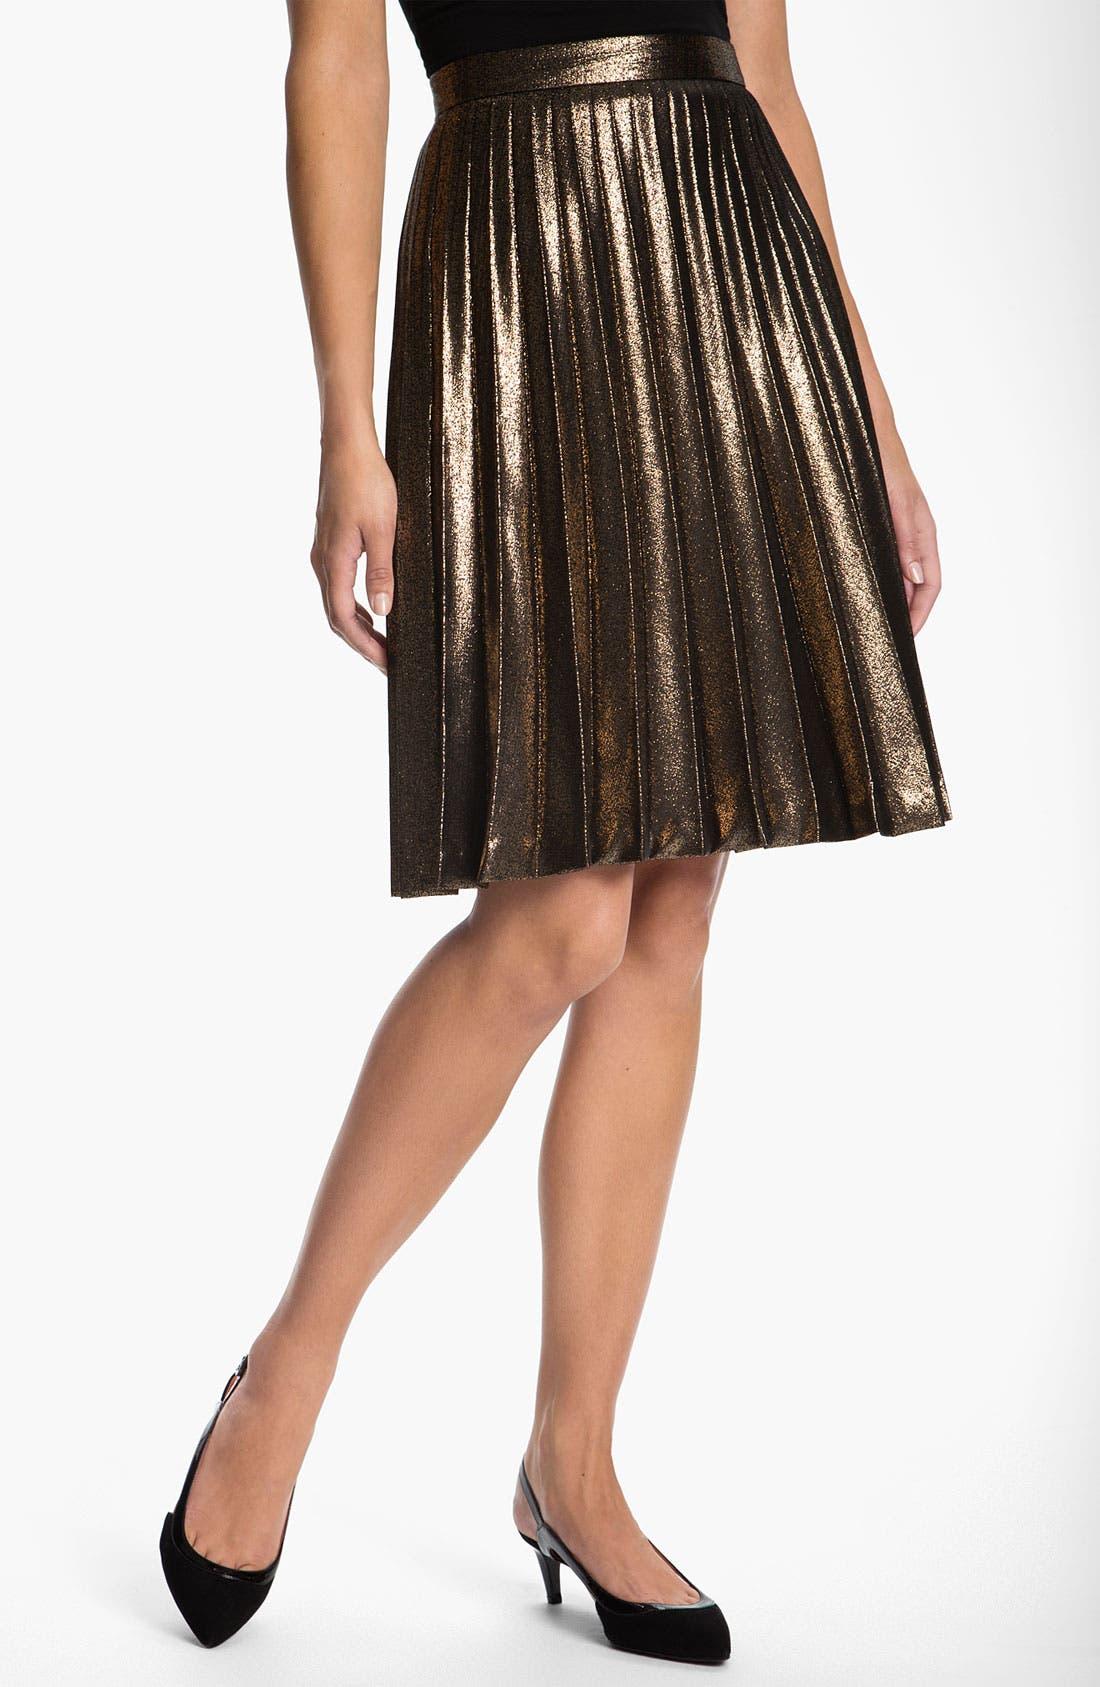 Alternate Image 1 Selected - kate spade new york 'sonny' skirt